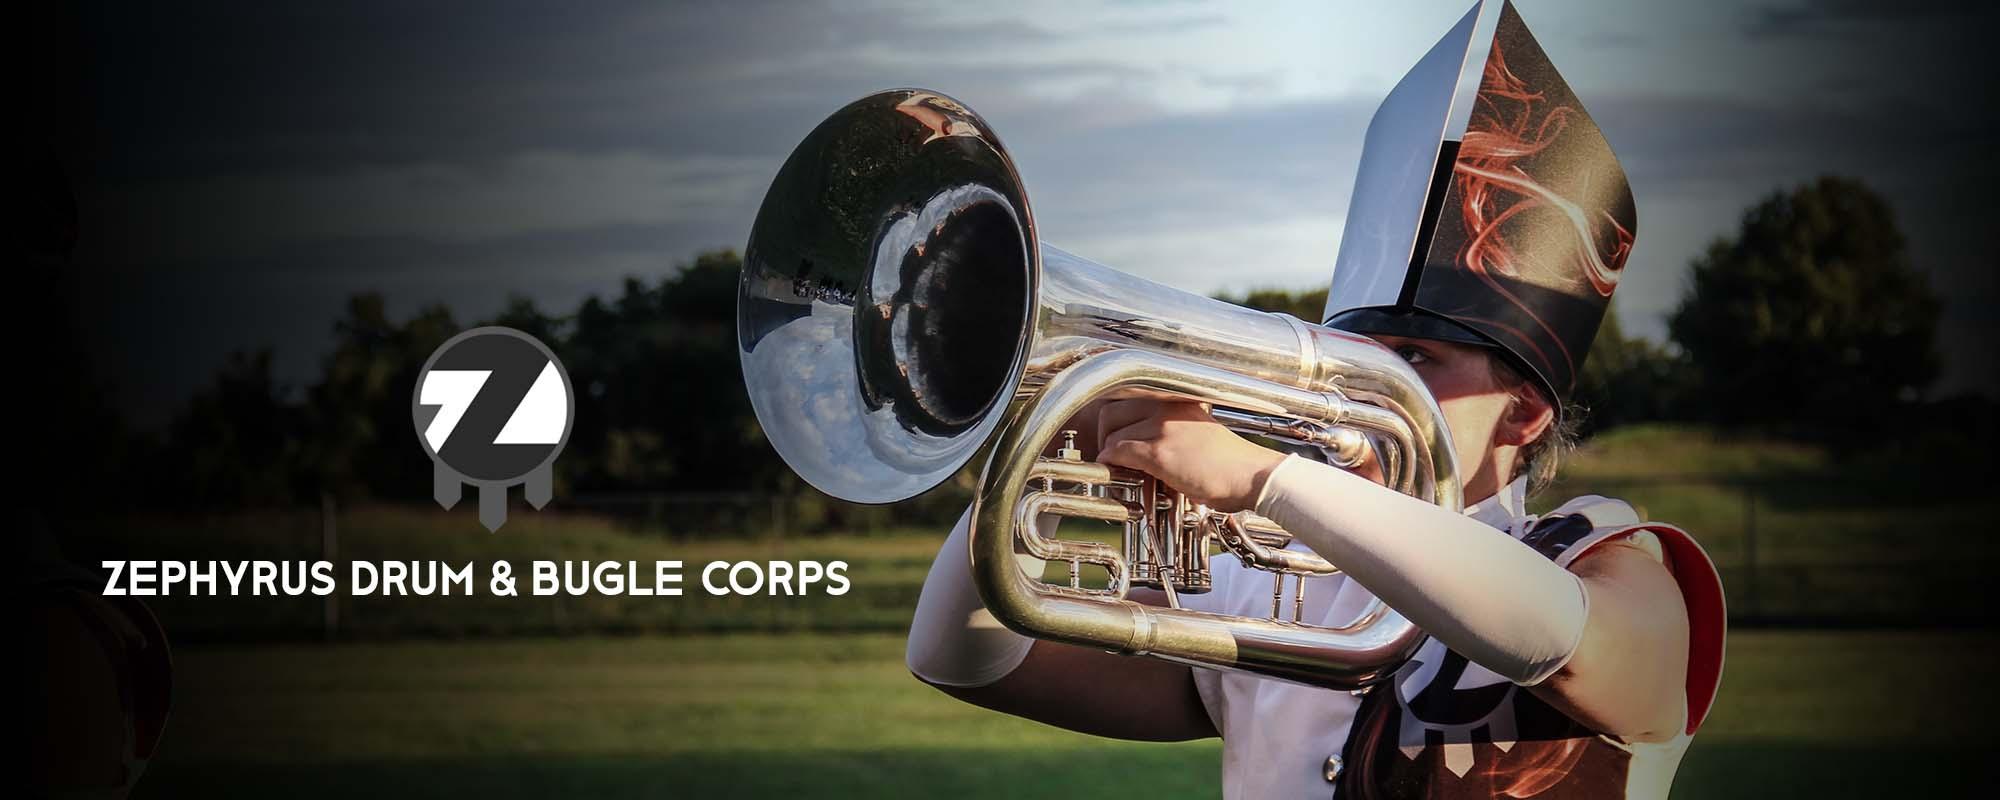 zephyrus drum corps header.jpg